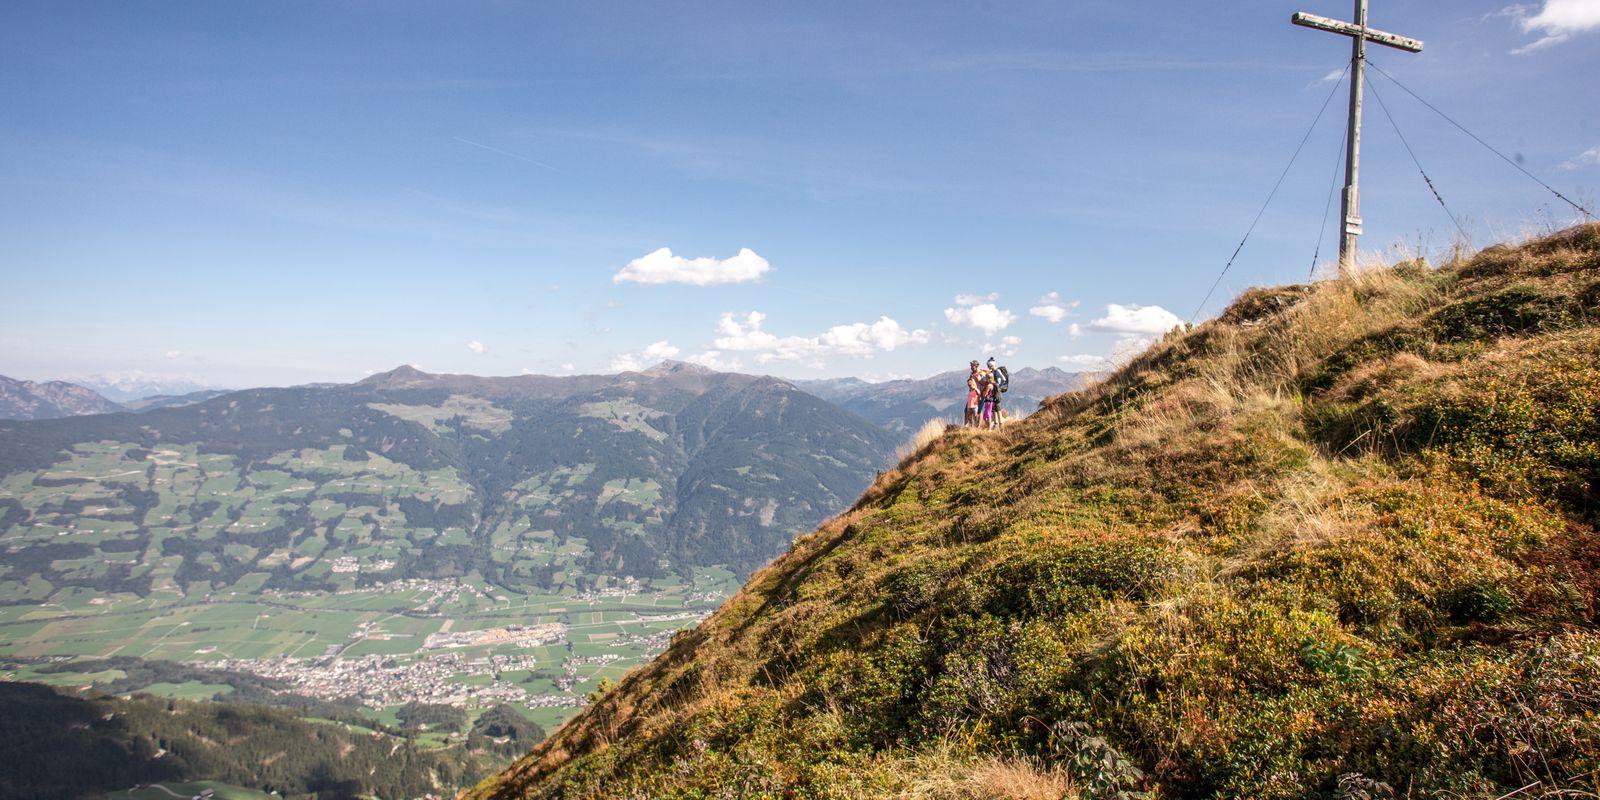 Spieljoch Sommer | © Erste Ferienregion im Zillertal / Andi Frank